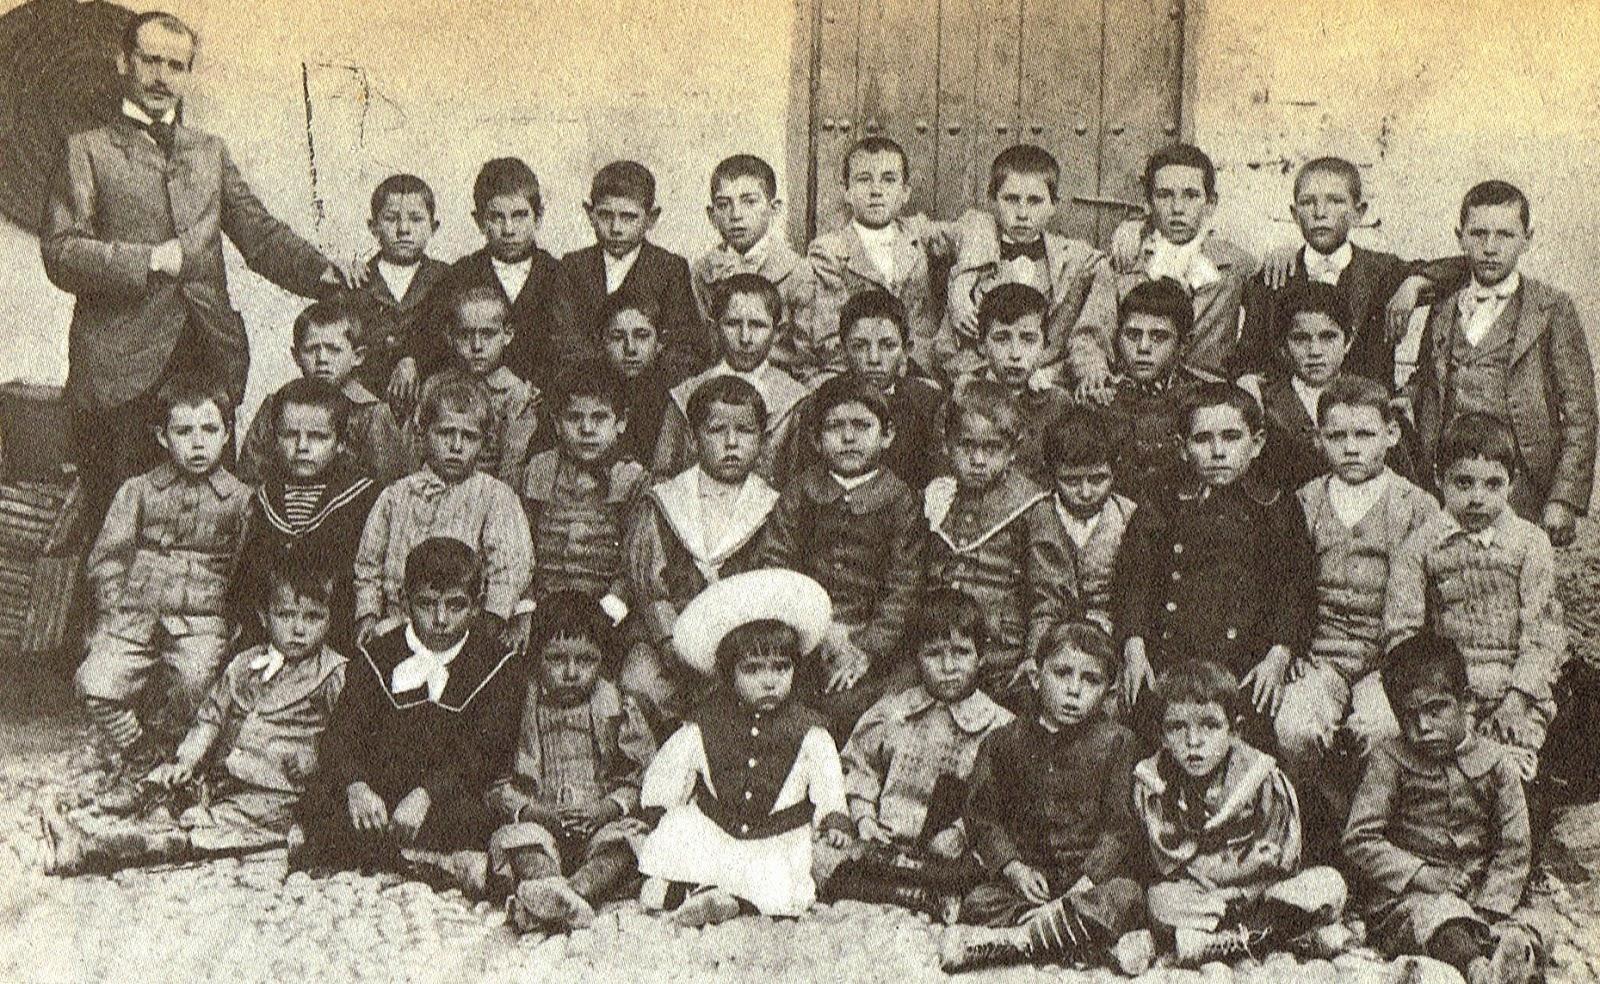 Lorca en su colegio de Fuente Vaqueros. Él está en medio con un gorro blanco